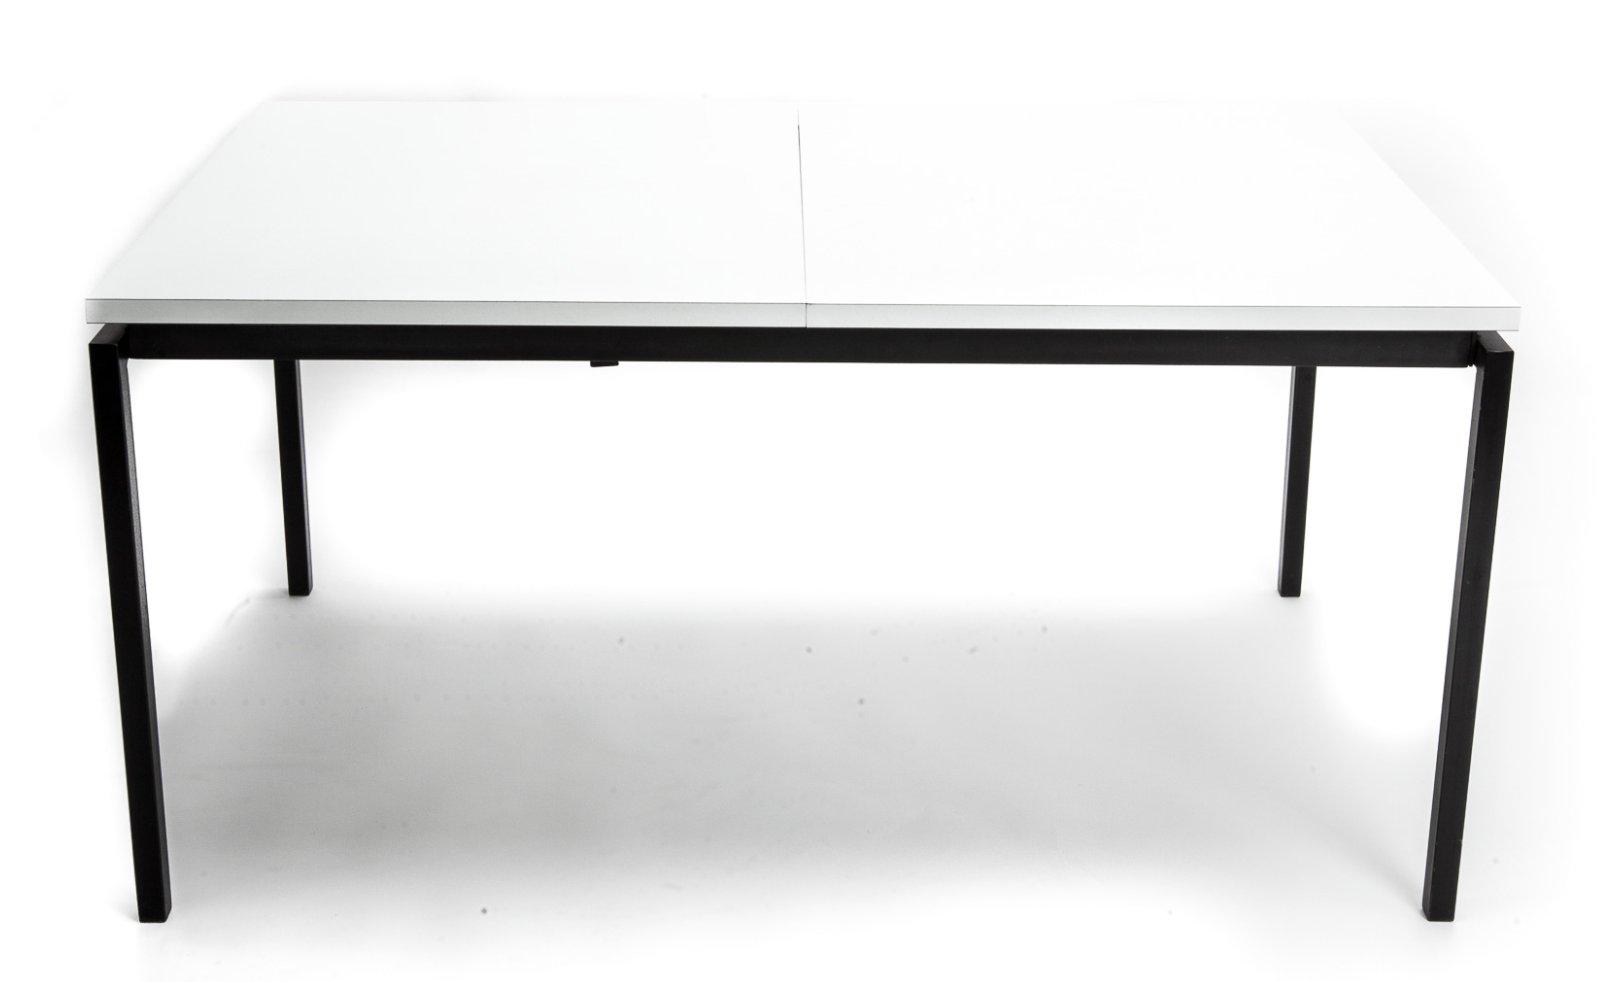 Schweizer Ausziehbarer UPW Tisch von Ulrich P. Wieser für Wohnbedarf, ...